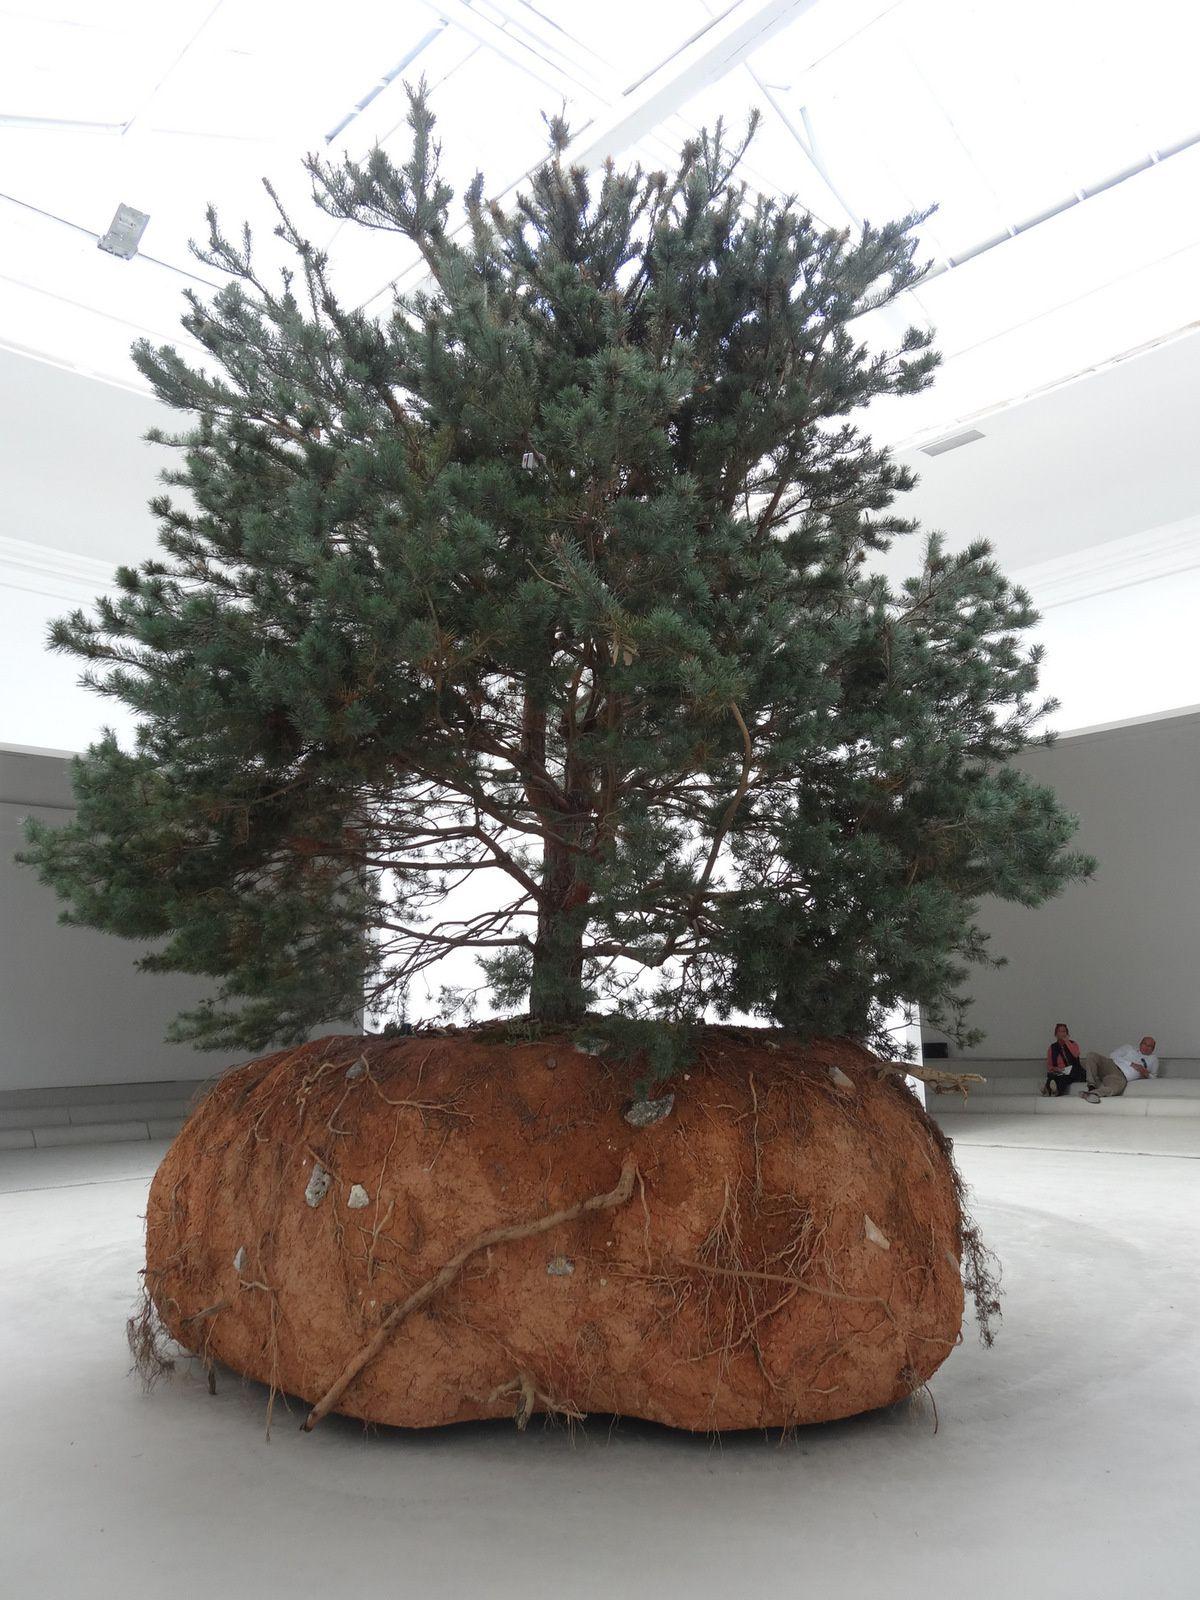 un arbre qui se déplace en fonction de ses montées de sève et autres paramètres